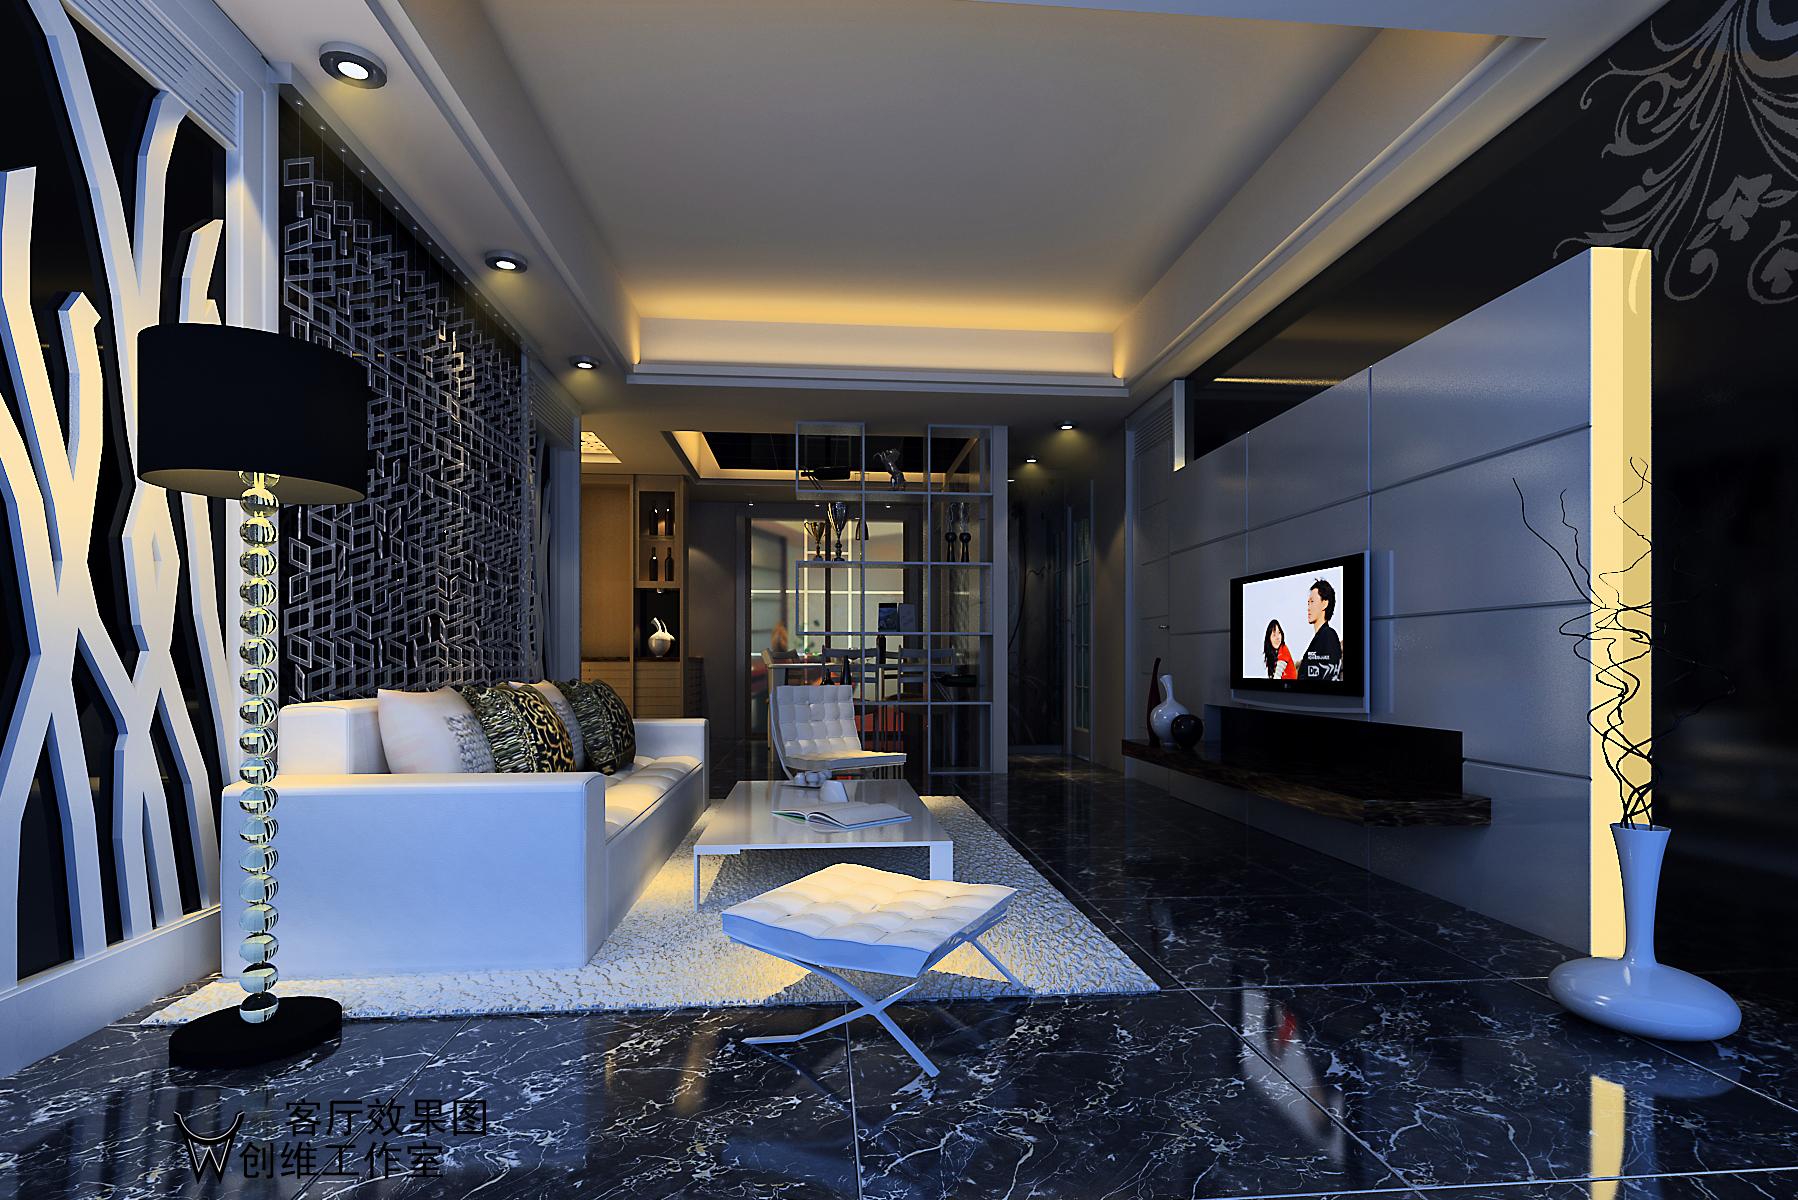 120平米裝修效果圖設計-兩室兩廳